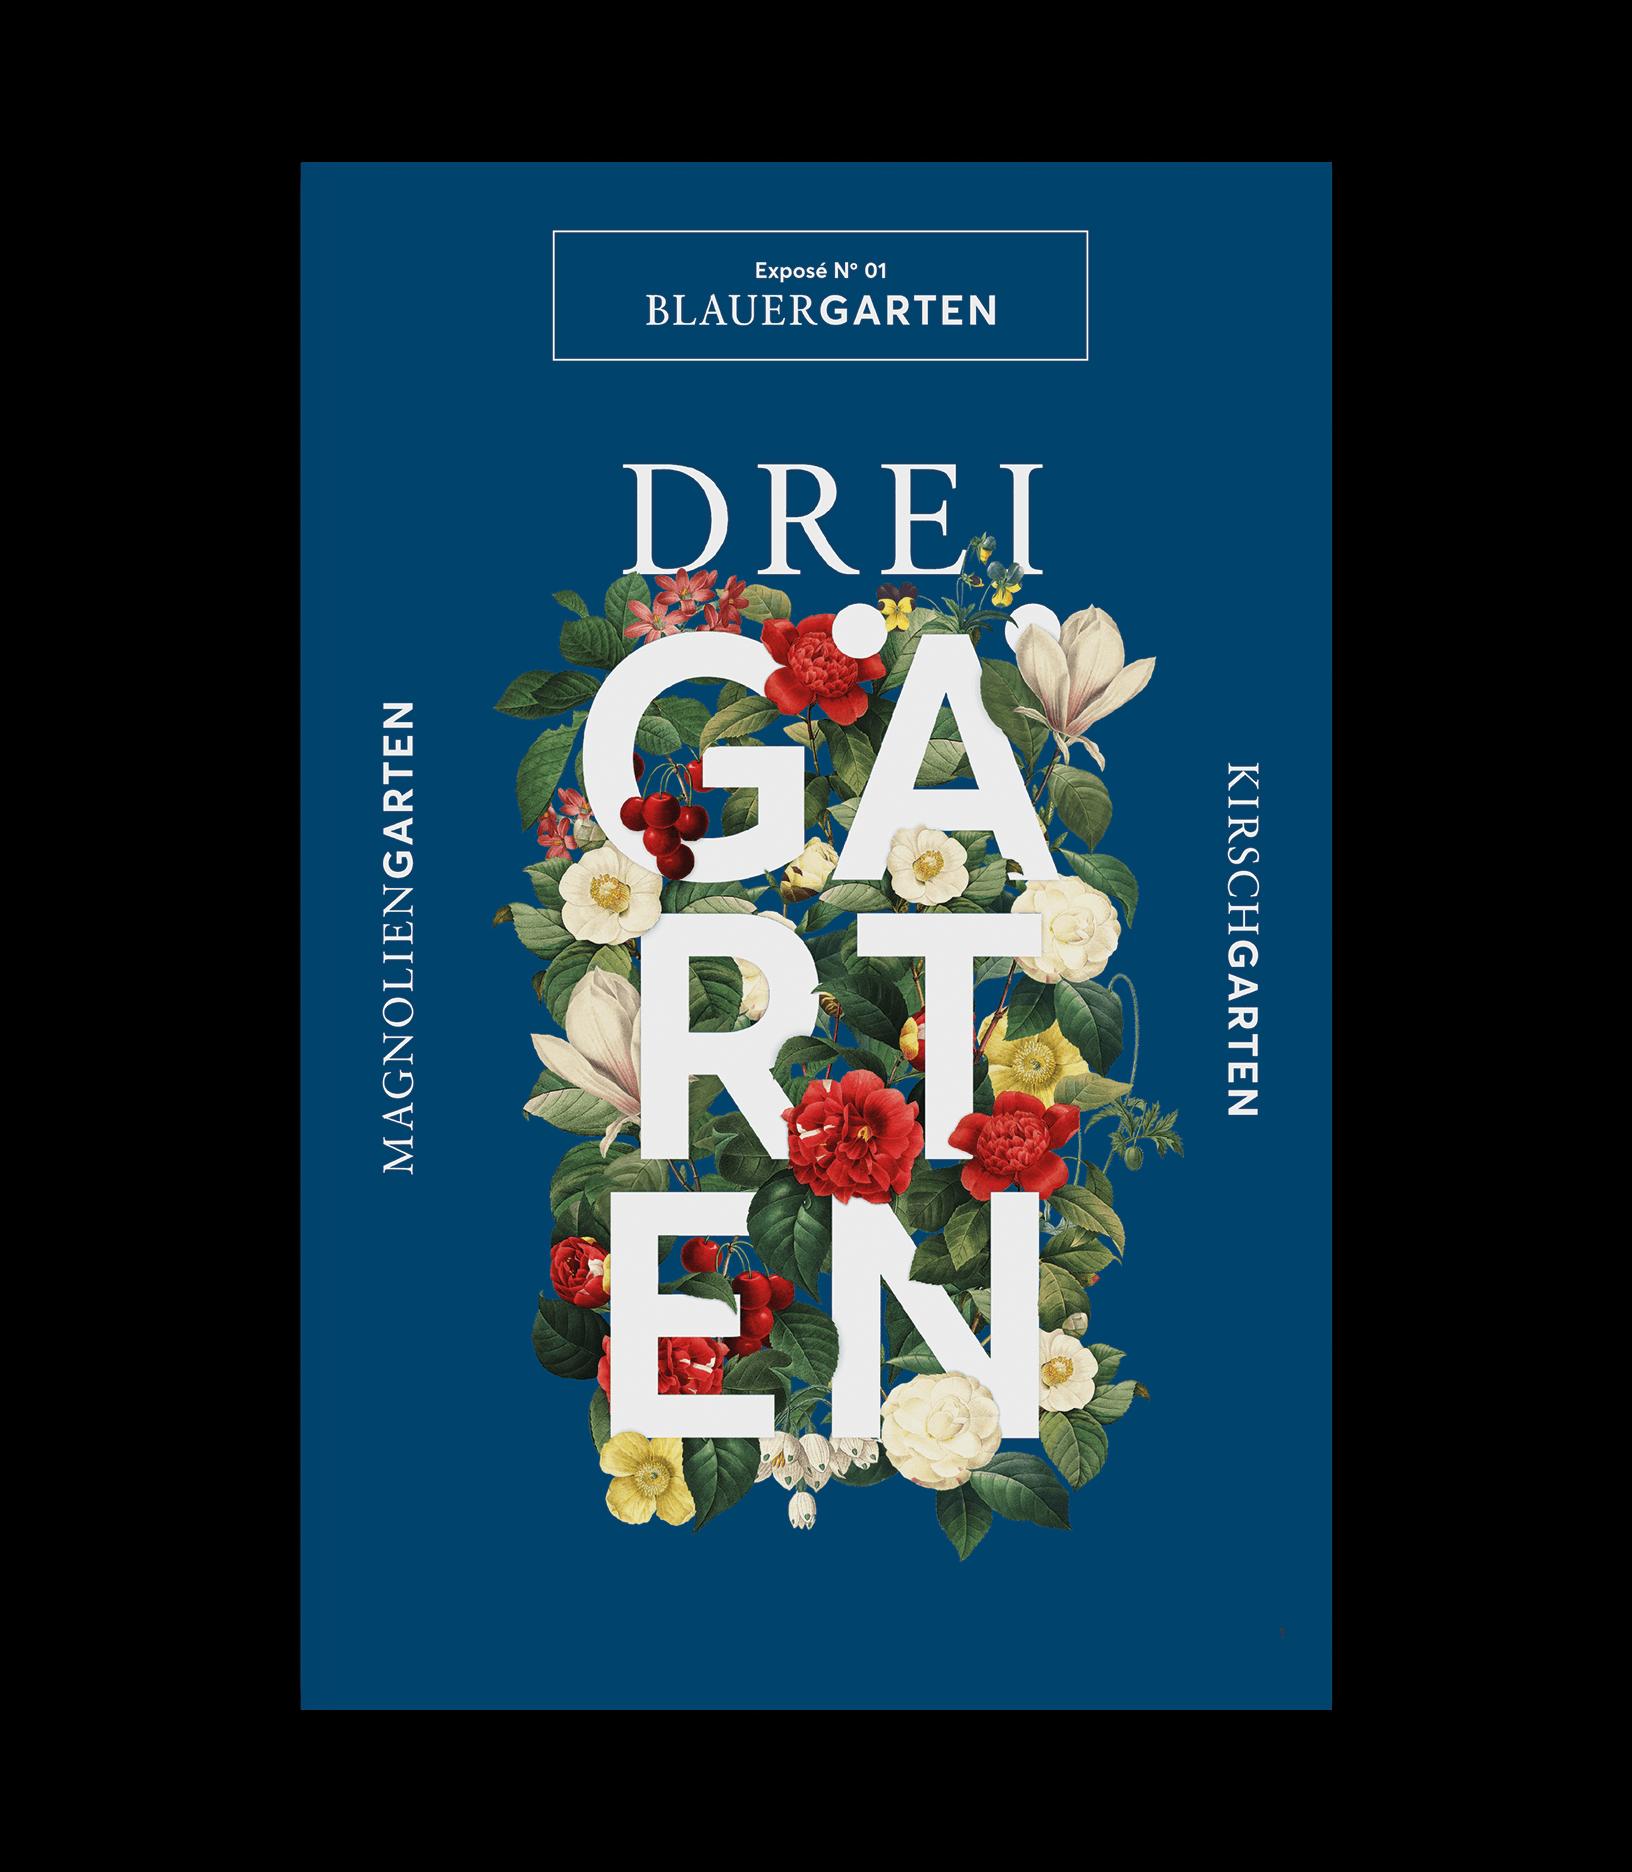 Cover des Exposés der Drei Gärten